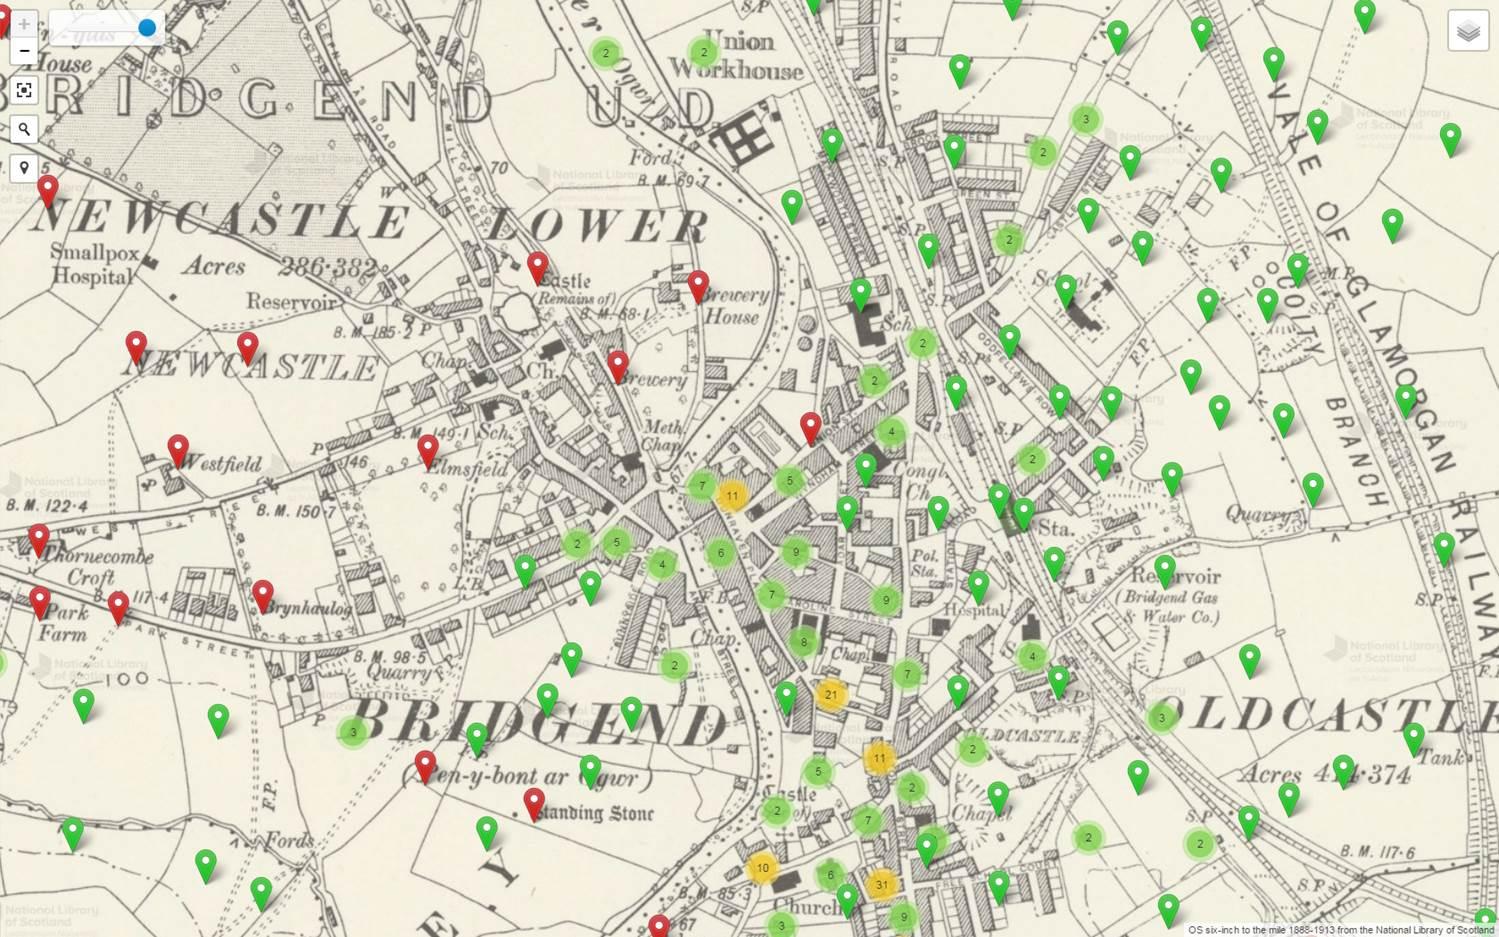 Map enghreifftiol o Ben-y-bont ar Ogwr yn dangos sut mae data am enwau lleoedd yn cael eu harddangos ar fapiau'r wefan